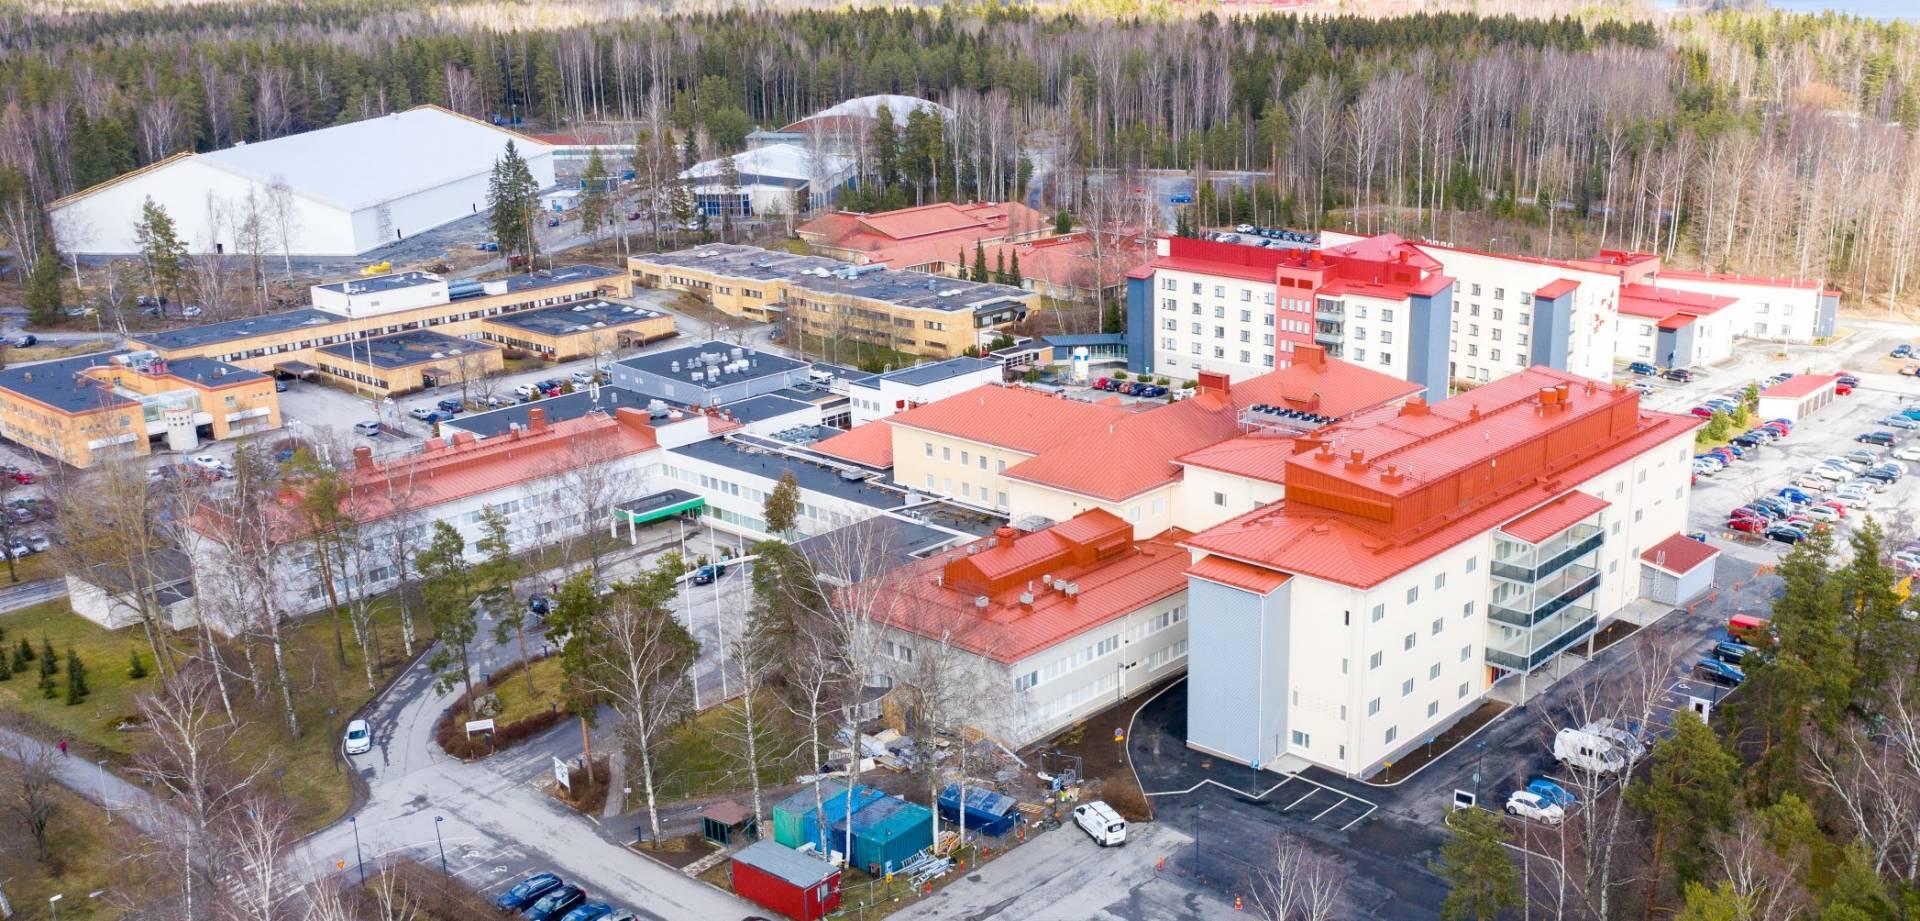 Terveyskeskussairaala ilmasta kuvattuna